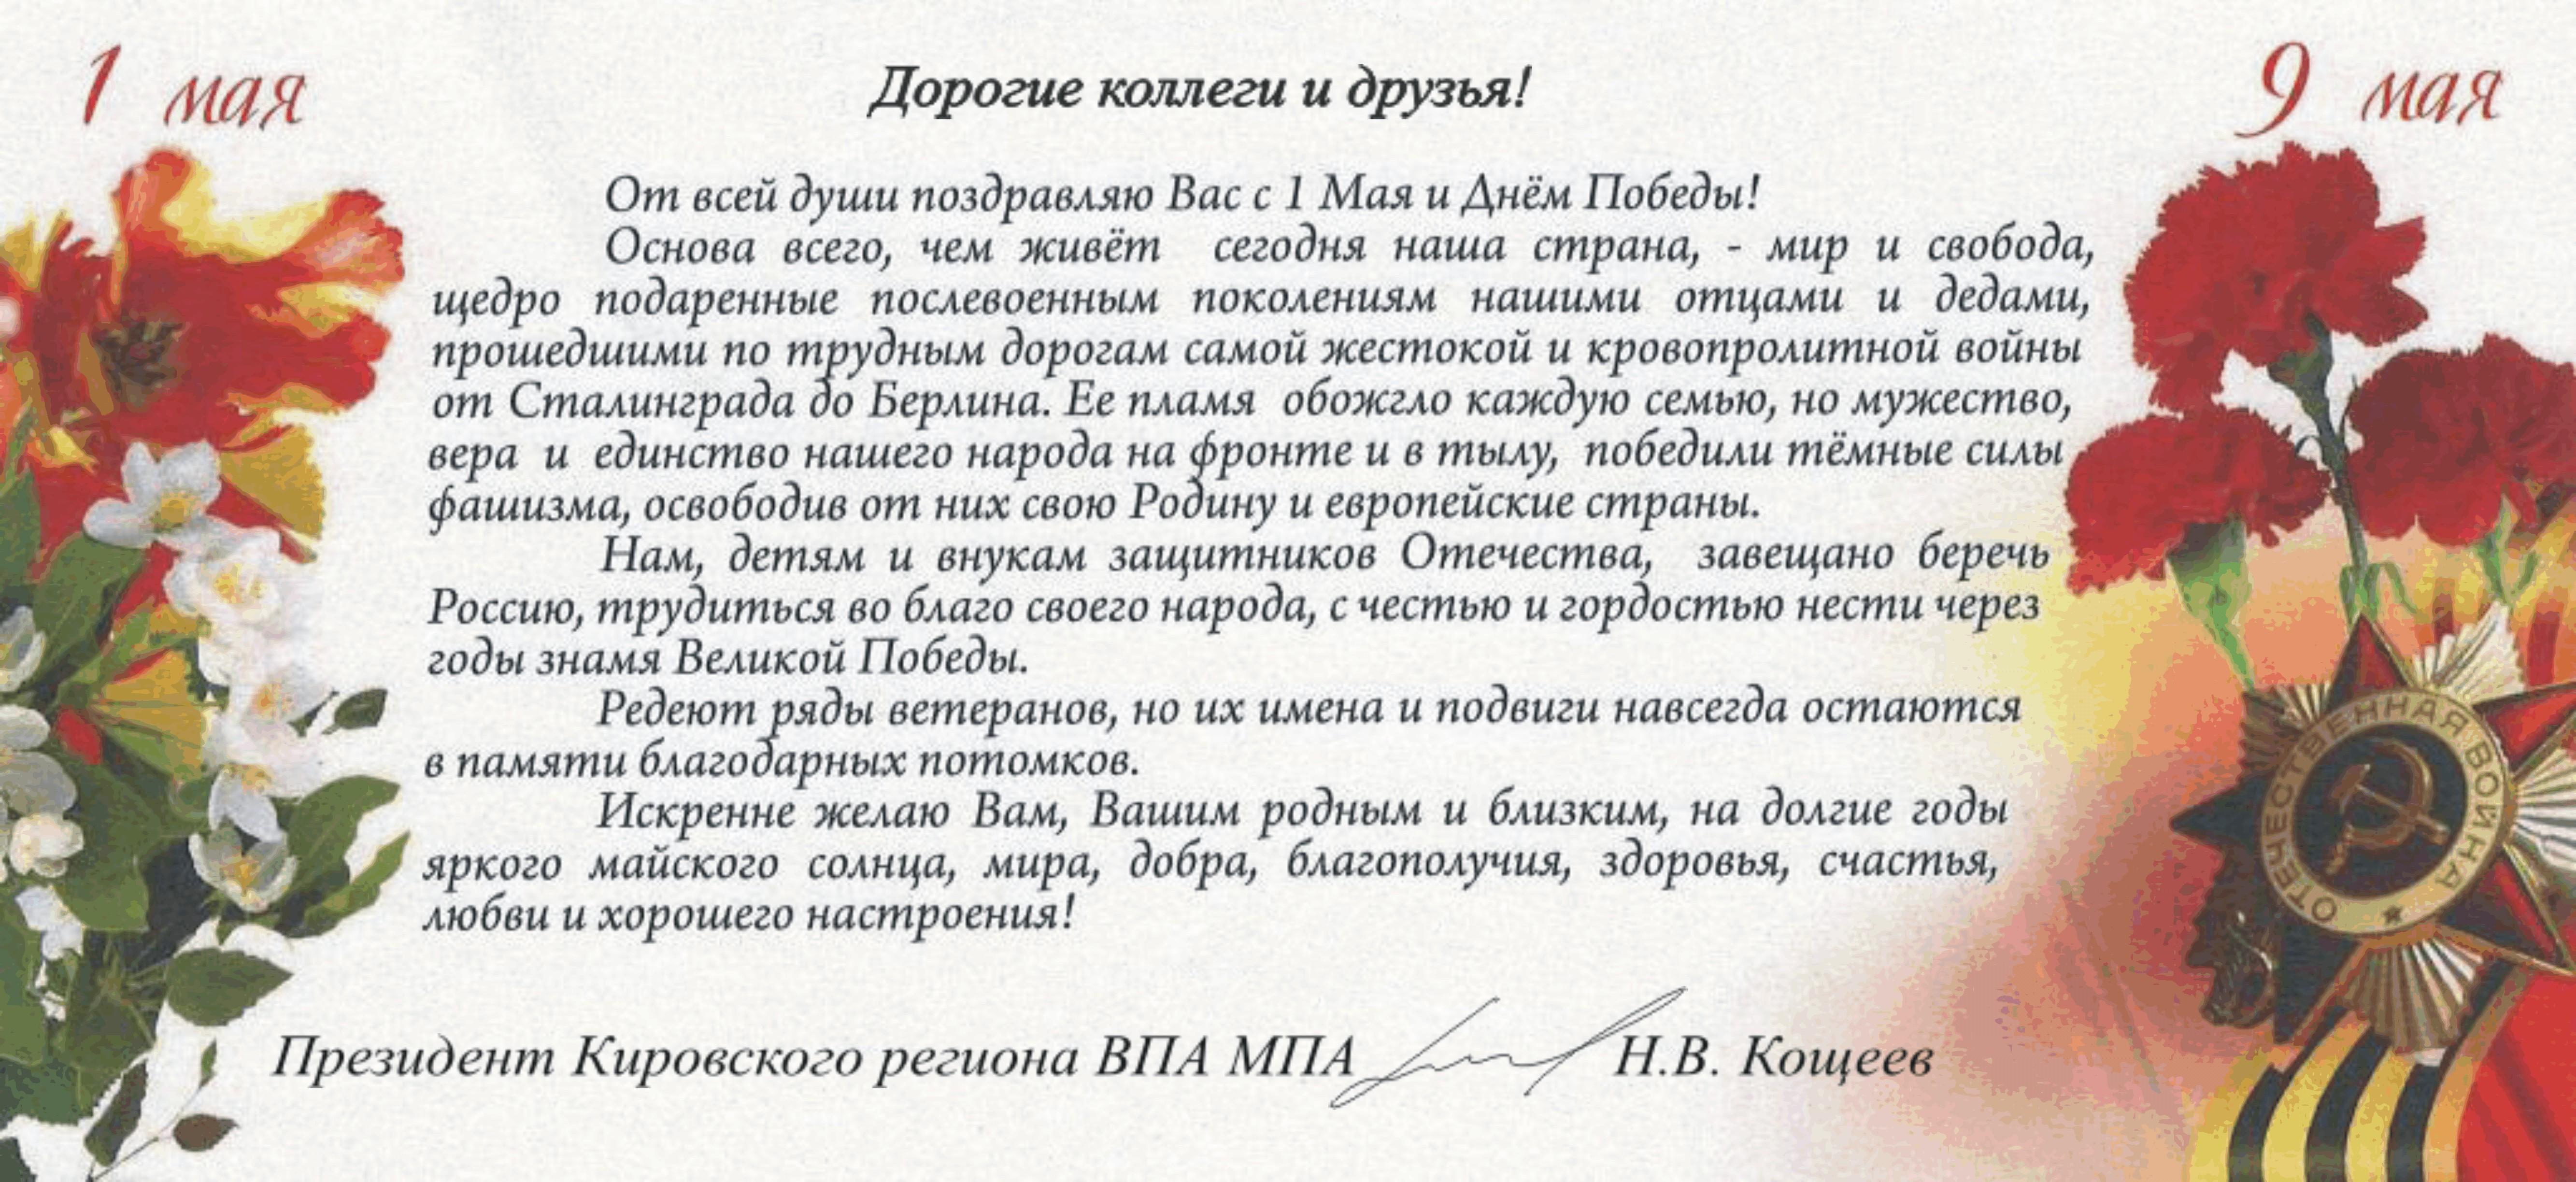 Поздравление к 9 мая от главы